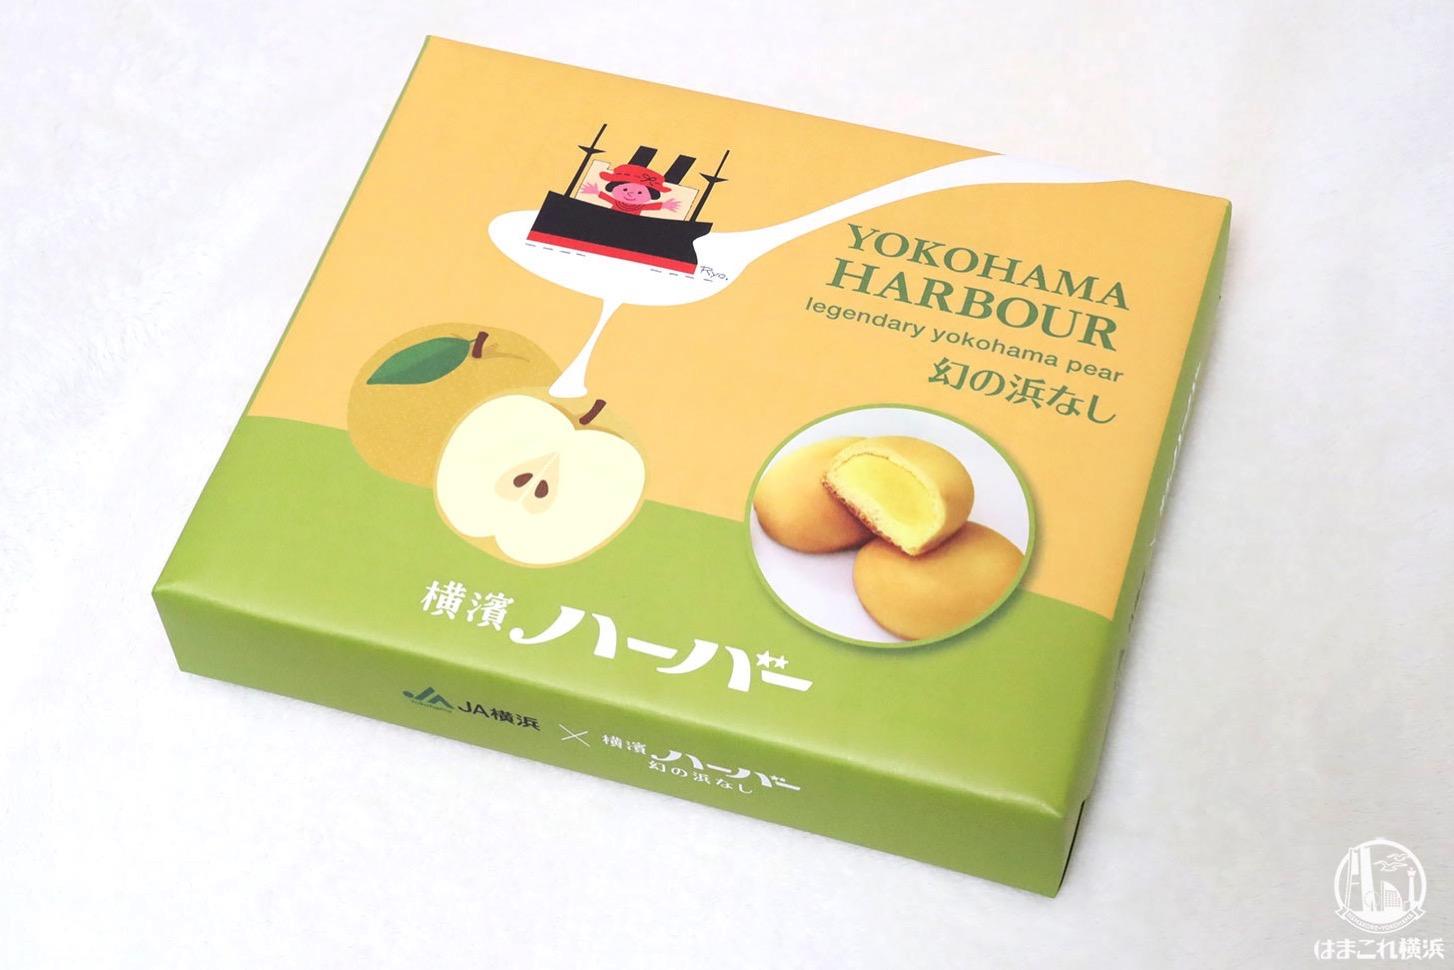 横濱ハーバー「幻の浜なし」パッケージ